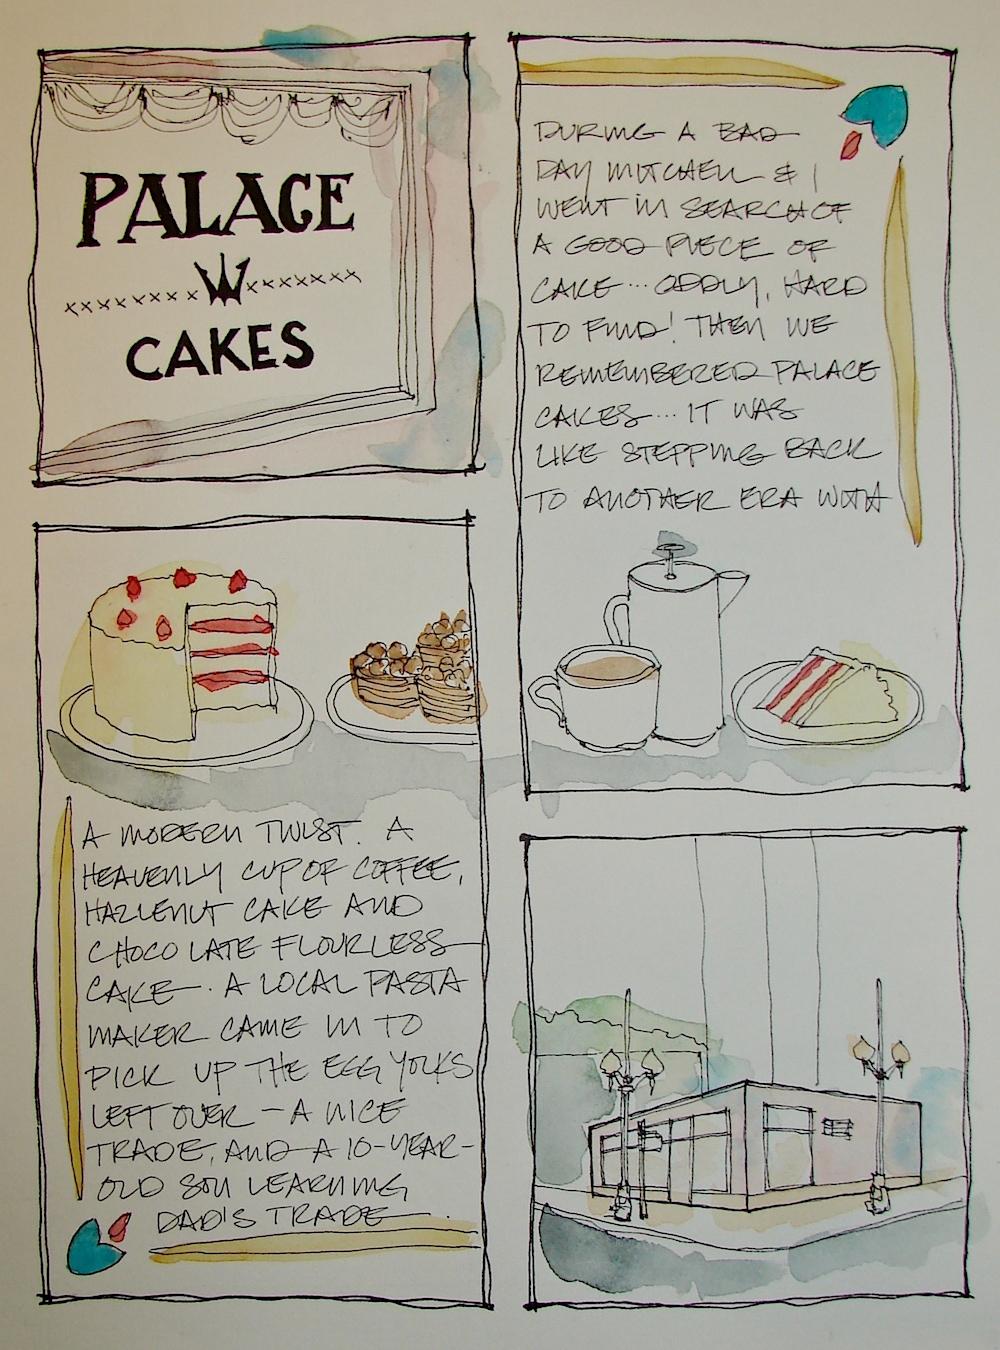 W15 7 11 USk PALACE CAKE 1400.jpeg